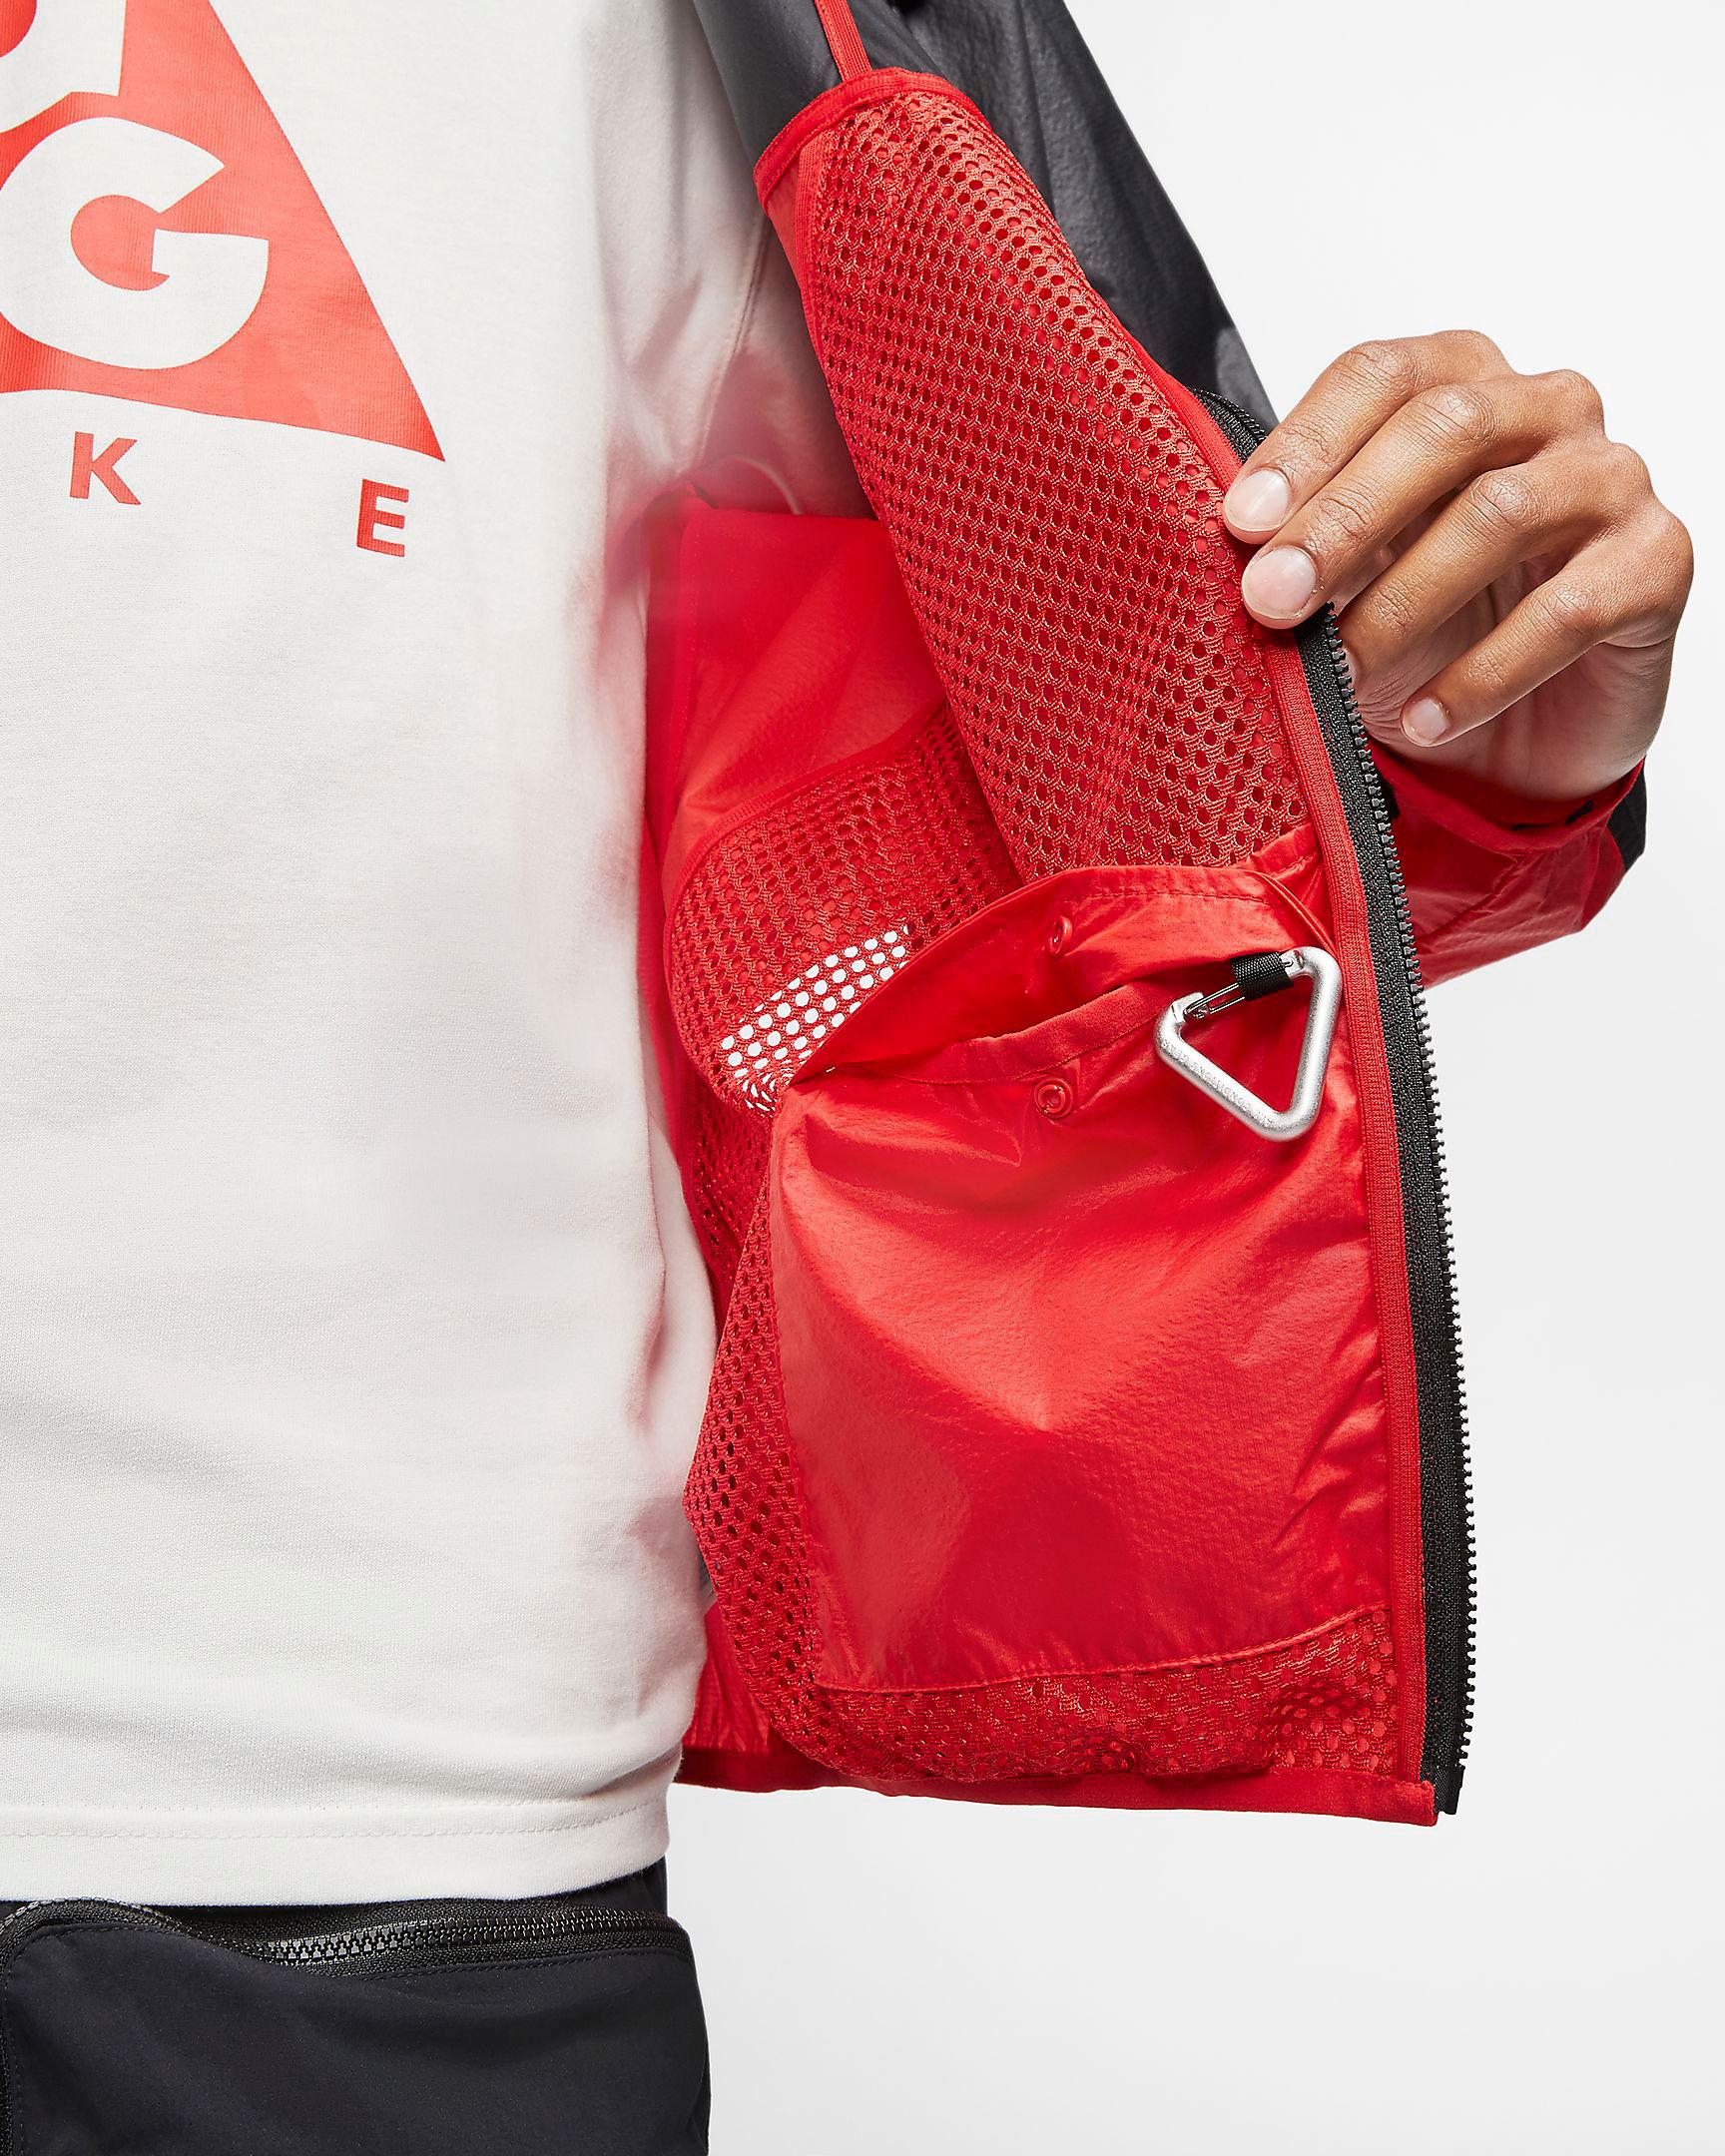 nike-acg-red-black-jacket-3